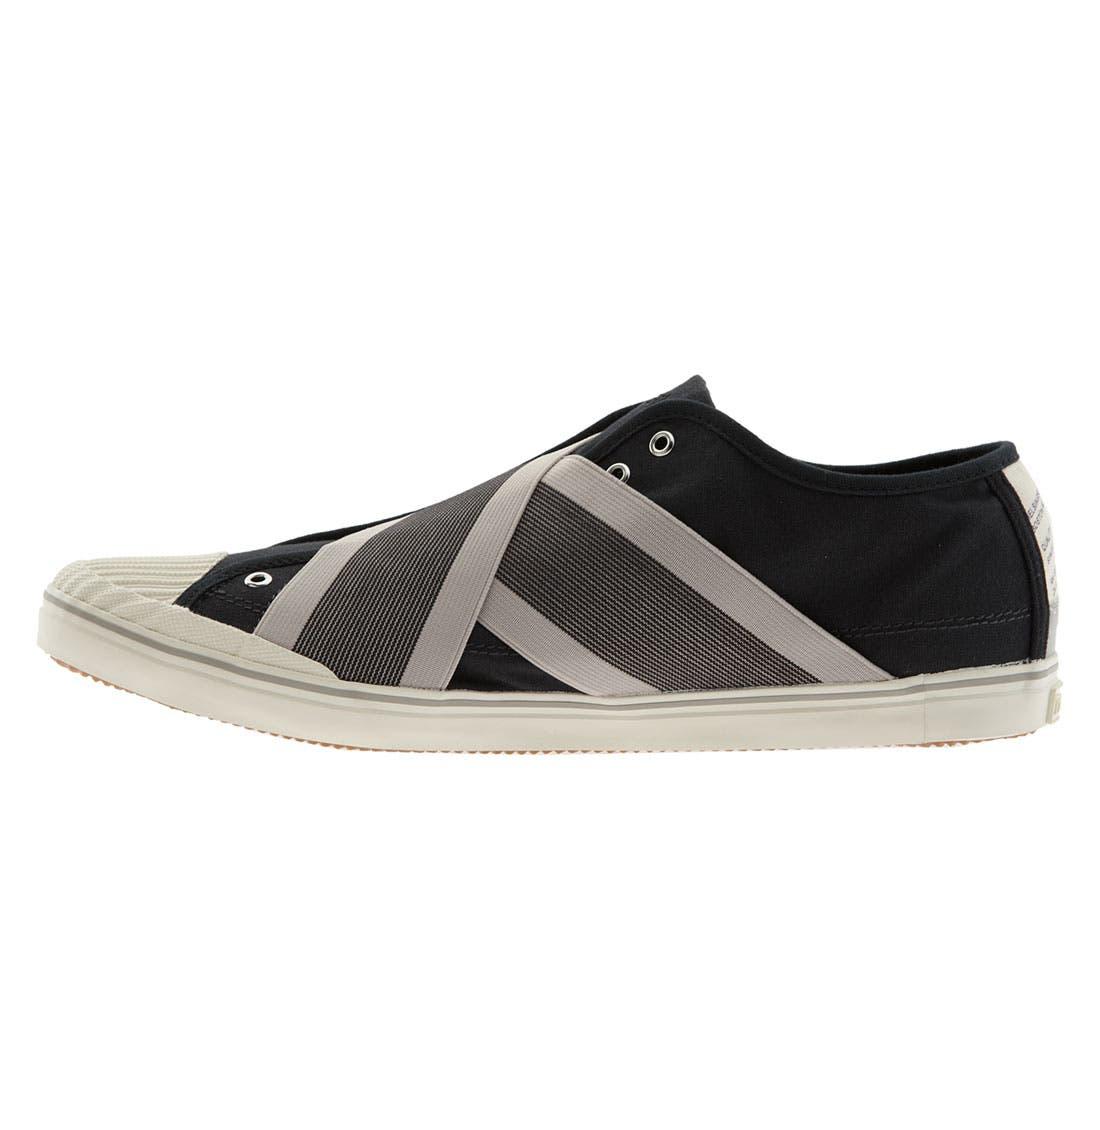 'Skymra' Slip-On Sneaker,                             Alternate thumbnail 2, color,                             001